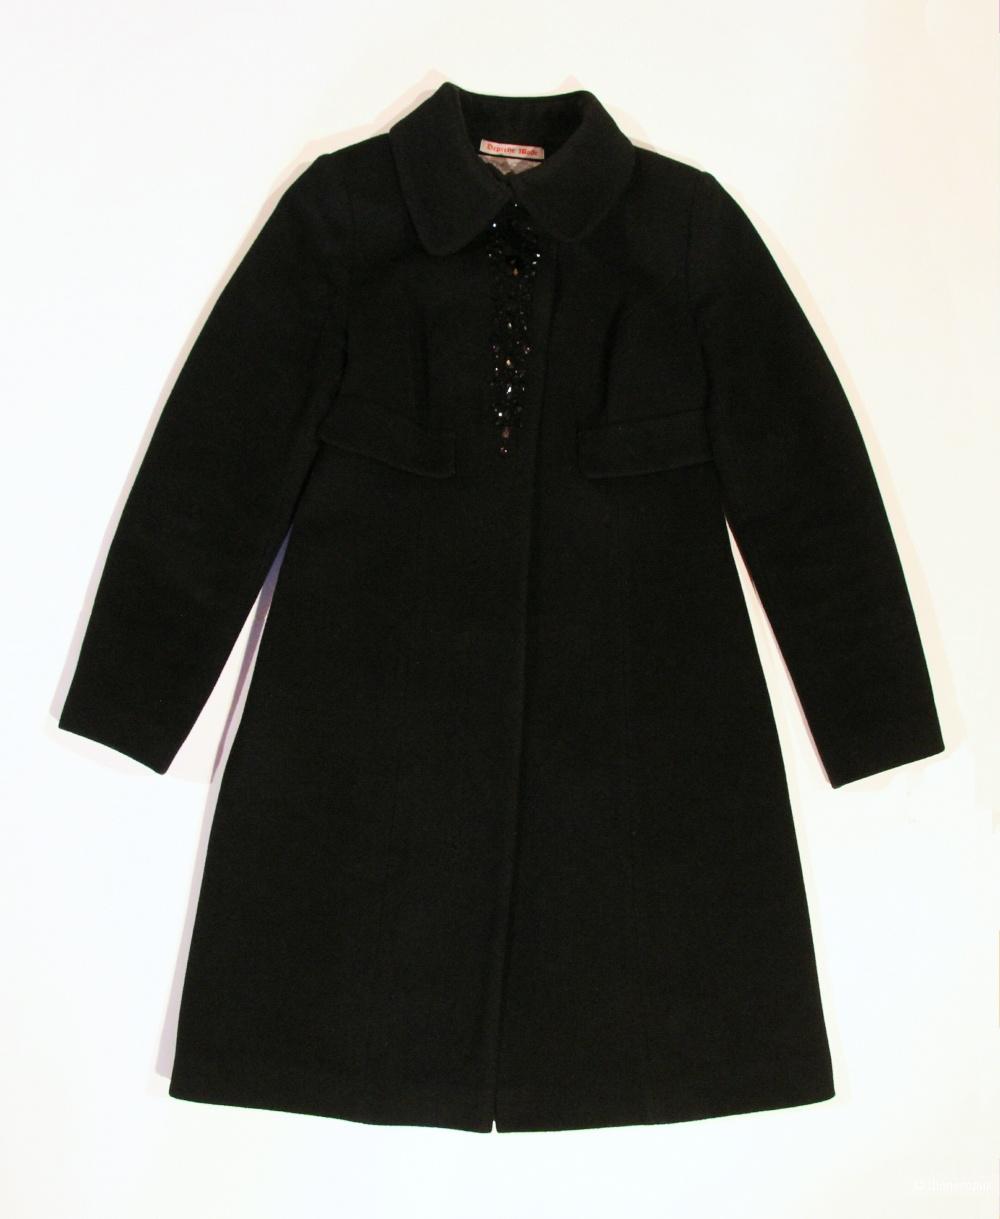 Пальто Depeche Mode размер 44-46(М)